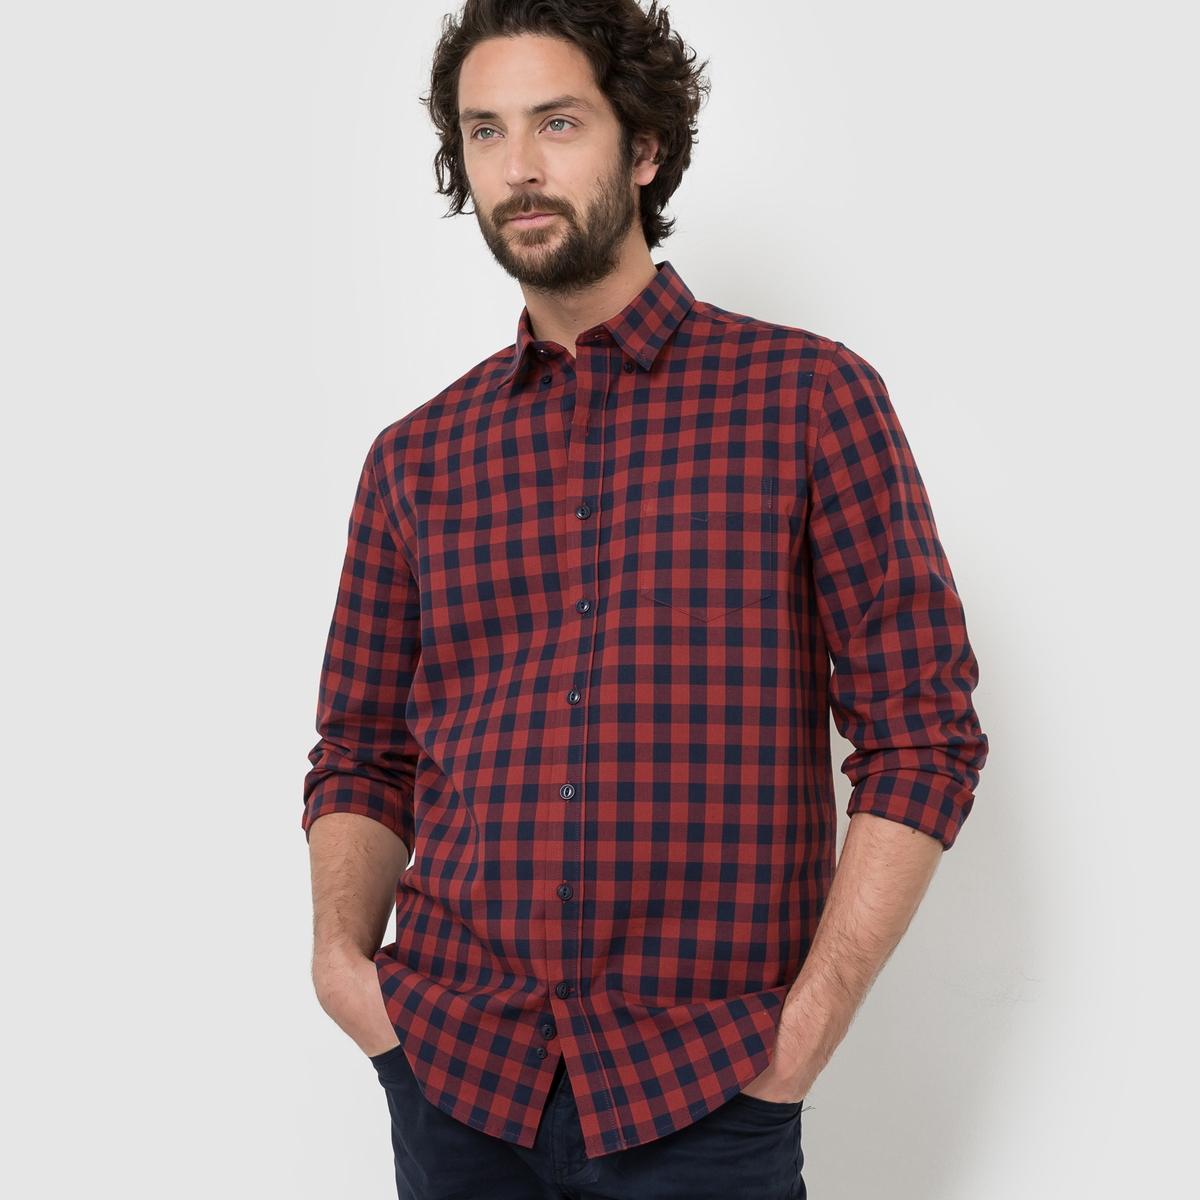 Рубашка прямого покроя с длинными рукавами, 100% хлопокСостав и описание :Материал : 100% хлопок  Длина : 76 смМарка :      R ?ditionУходМашинная стирка при 30 °С<br><br>Цвет: в синюю клетку<br>Размер: 45/46